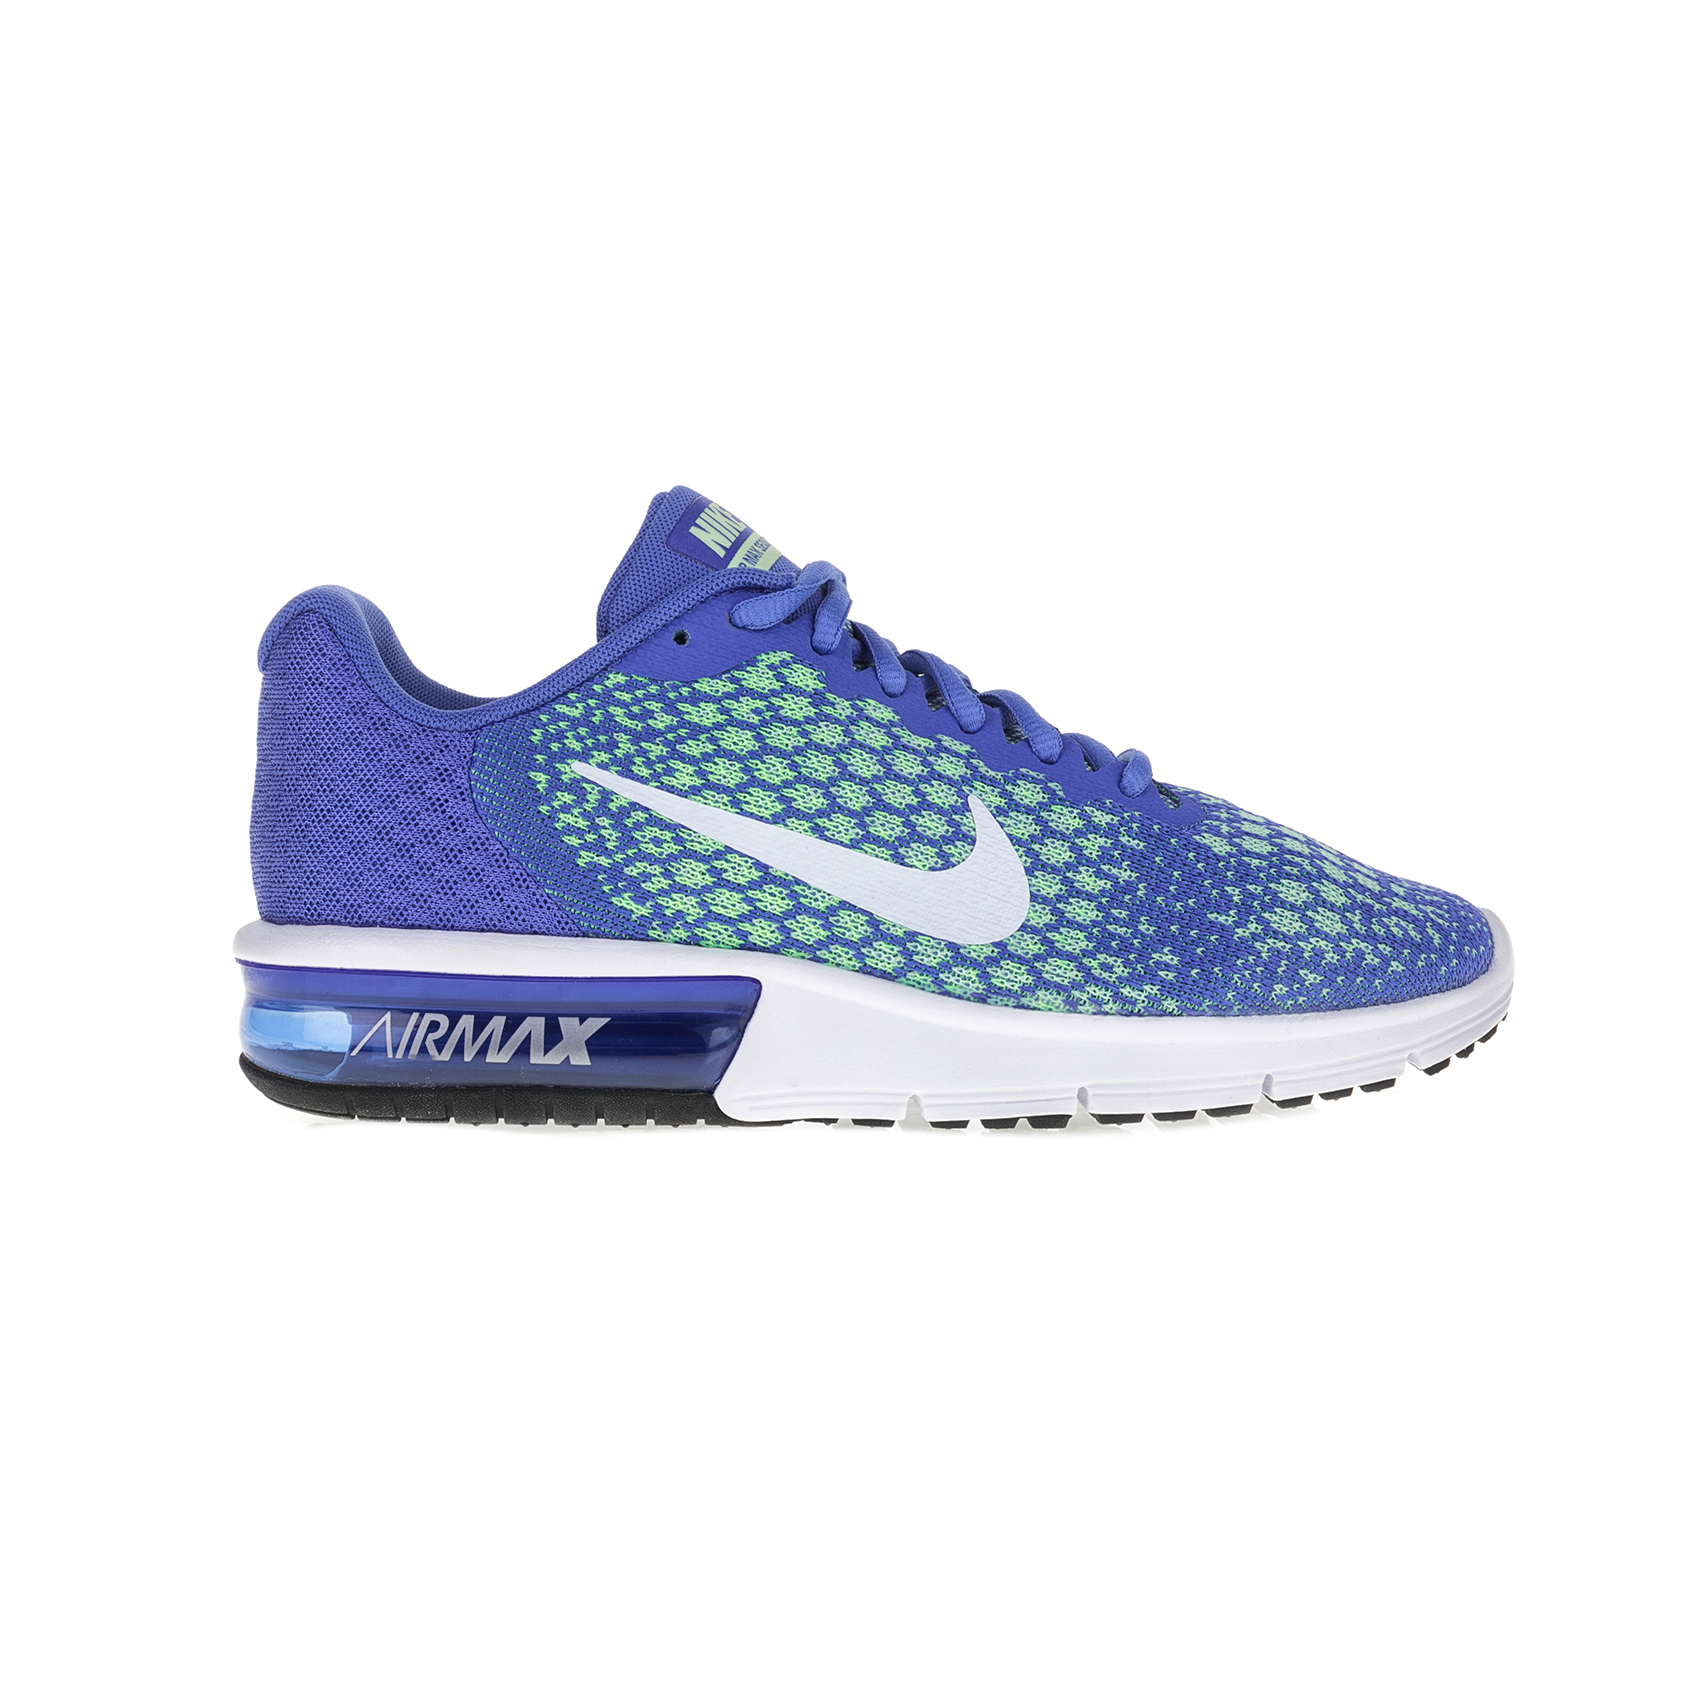 NIKE – Γυναικεία παπούτσια για τρέξιμο Nike AIR MAX 2017 μπλε